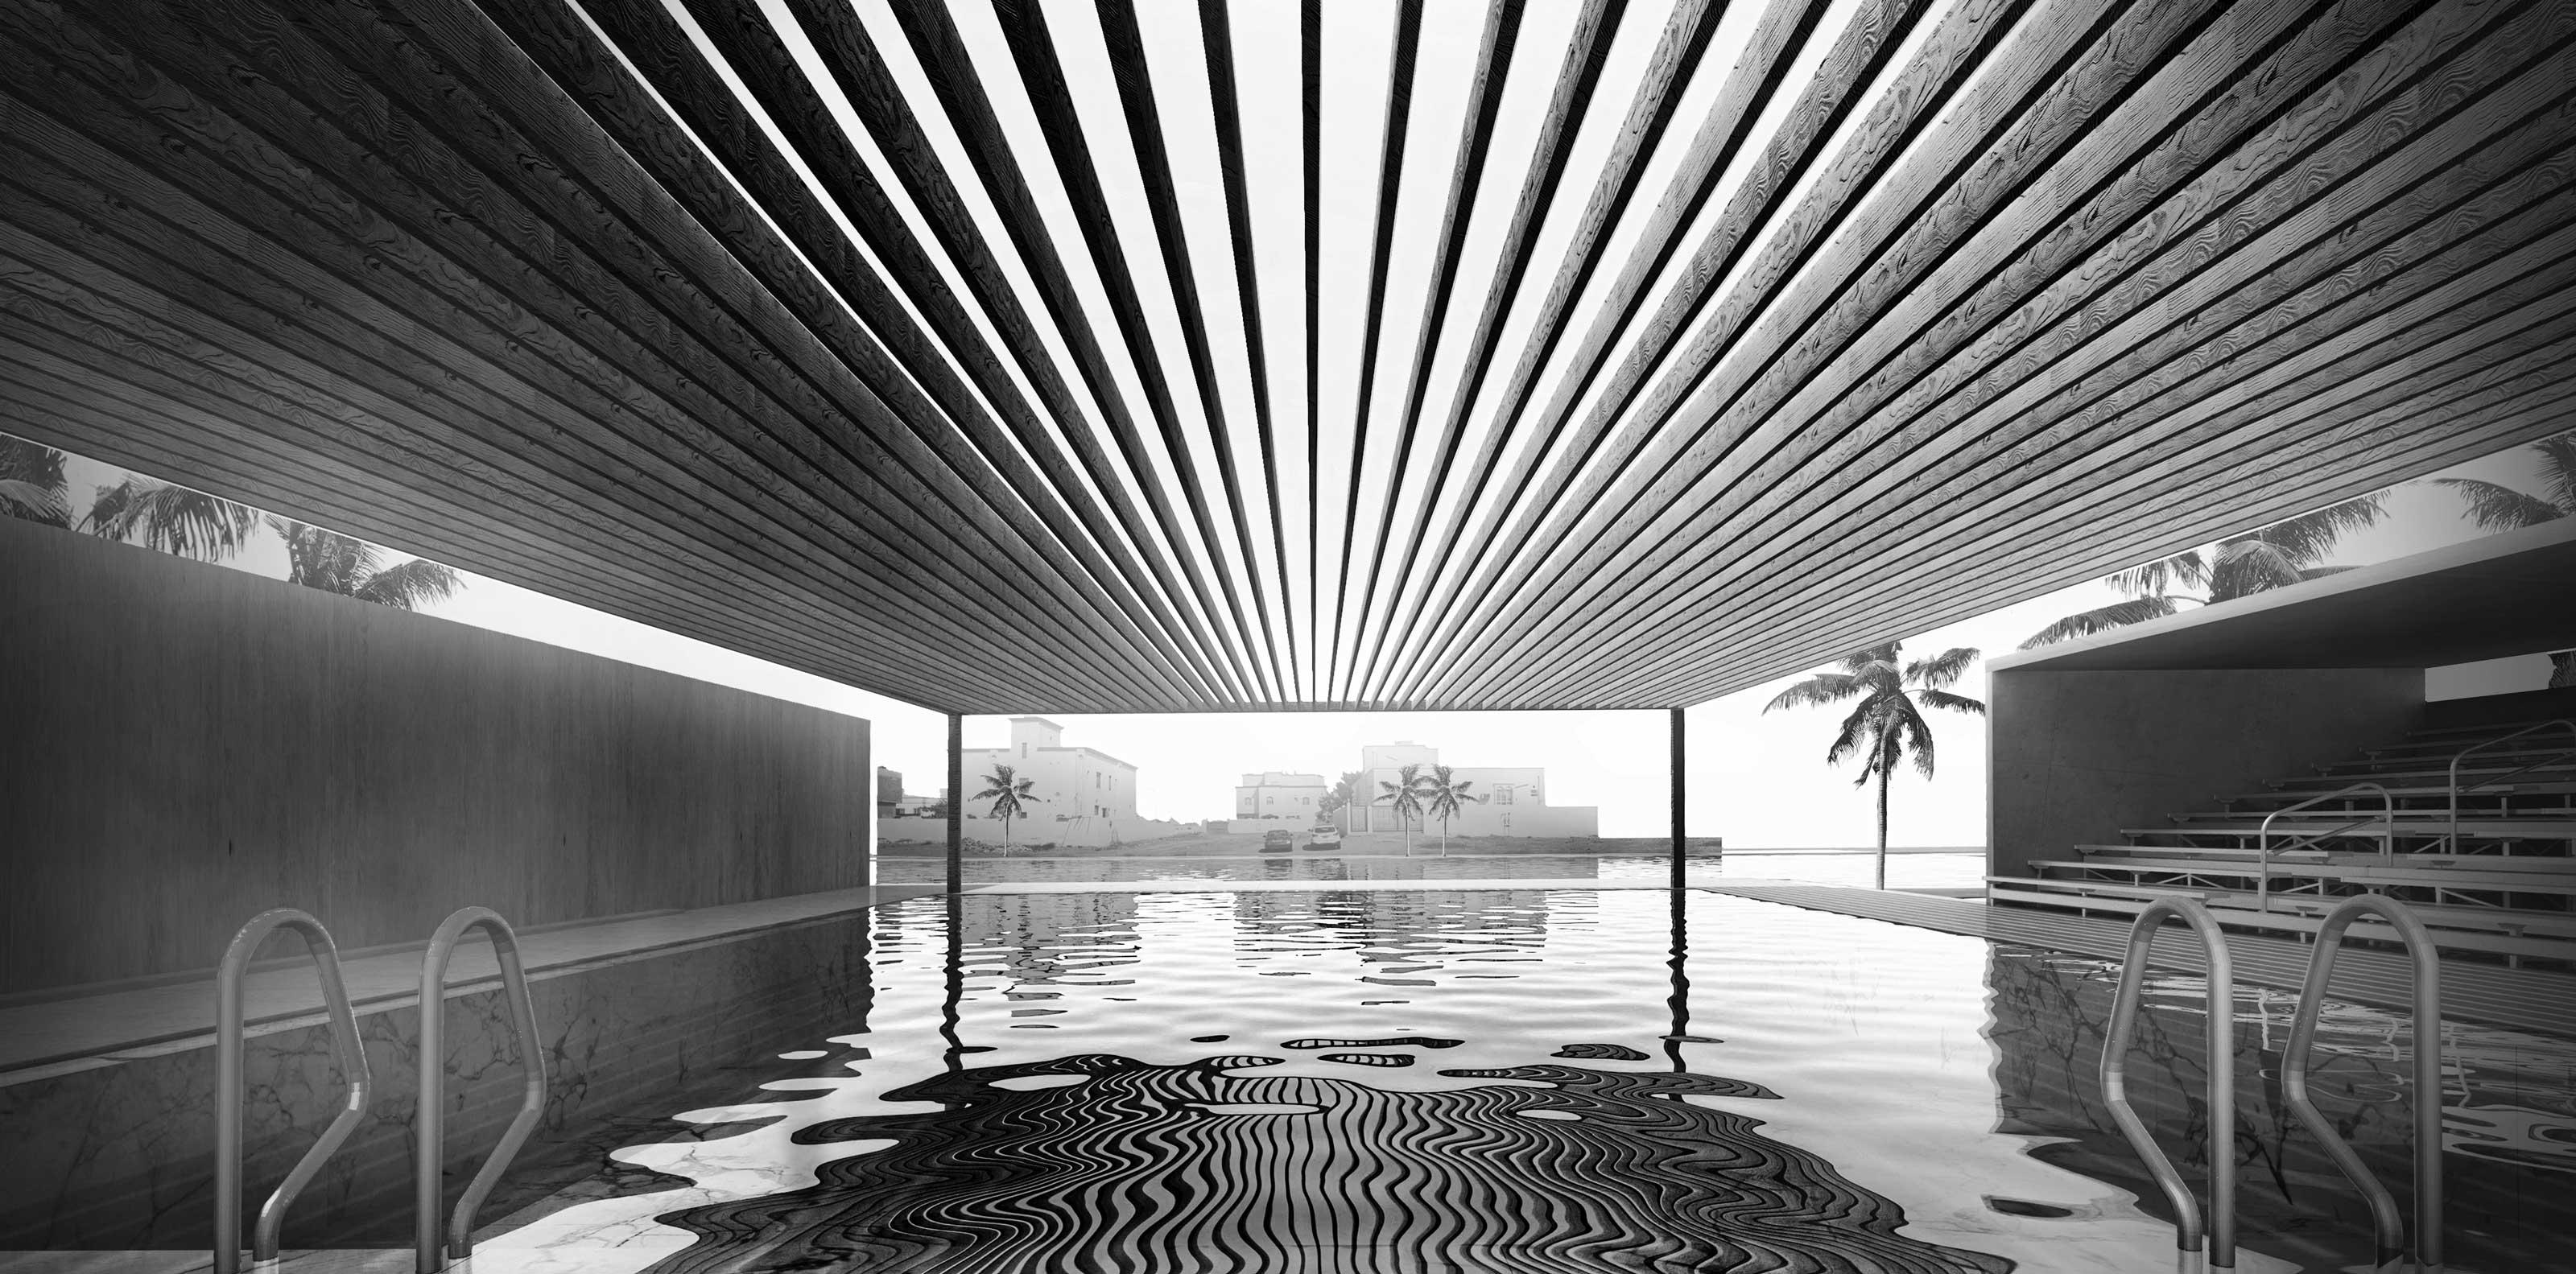 #AtelierReplica #architecture #image #render (short description)